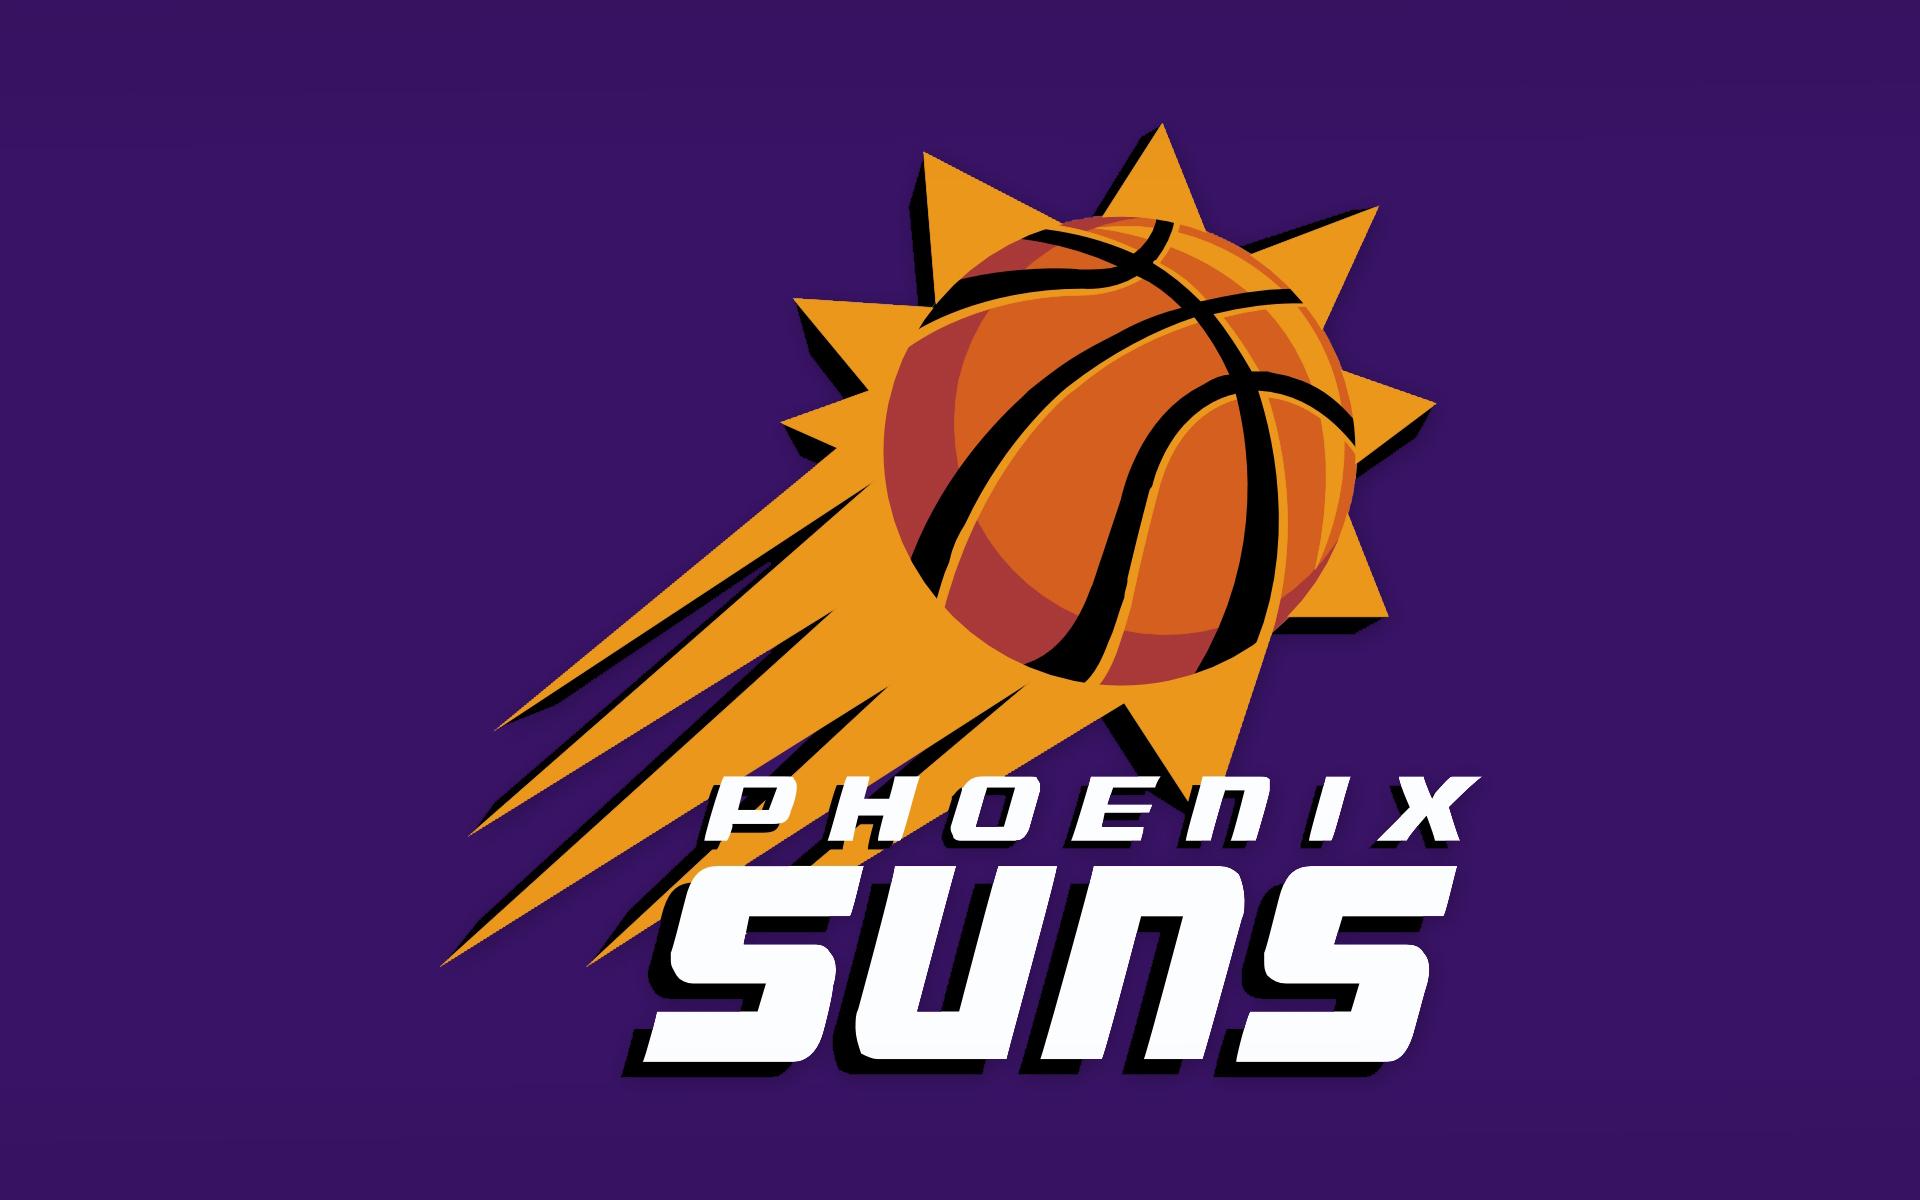 PHOENIX SUNS nba basketball 2 wallpaper 1920x1200 227665 1920x1200